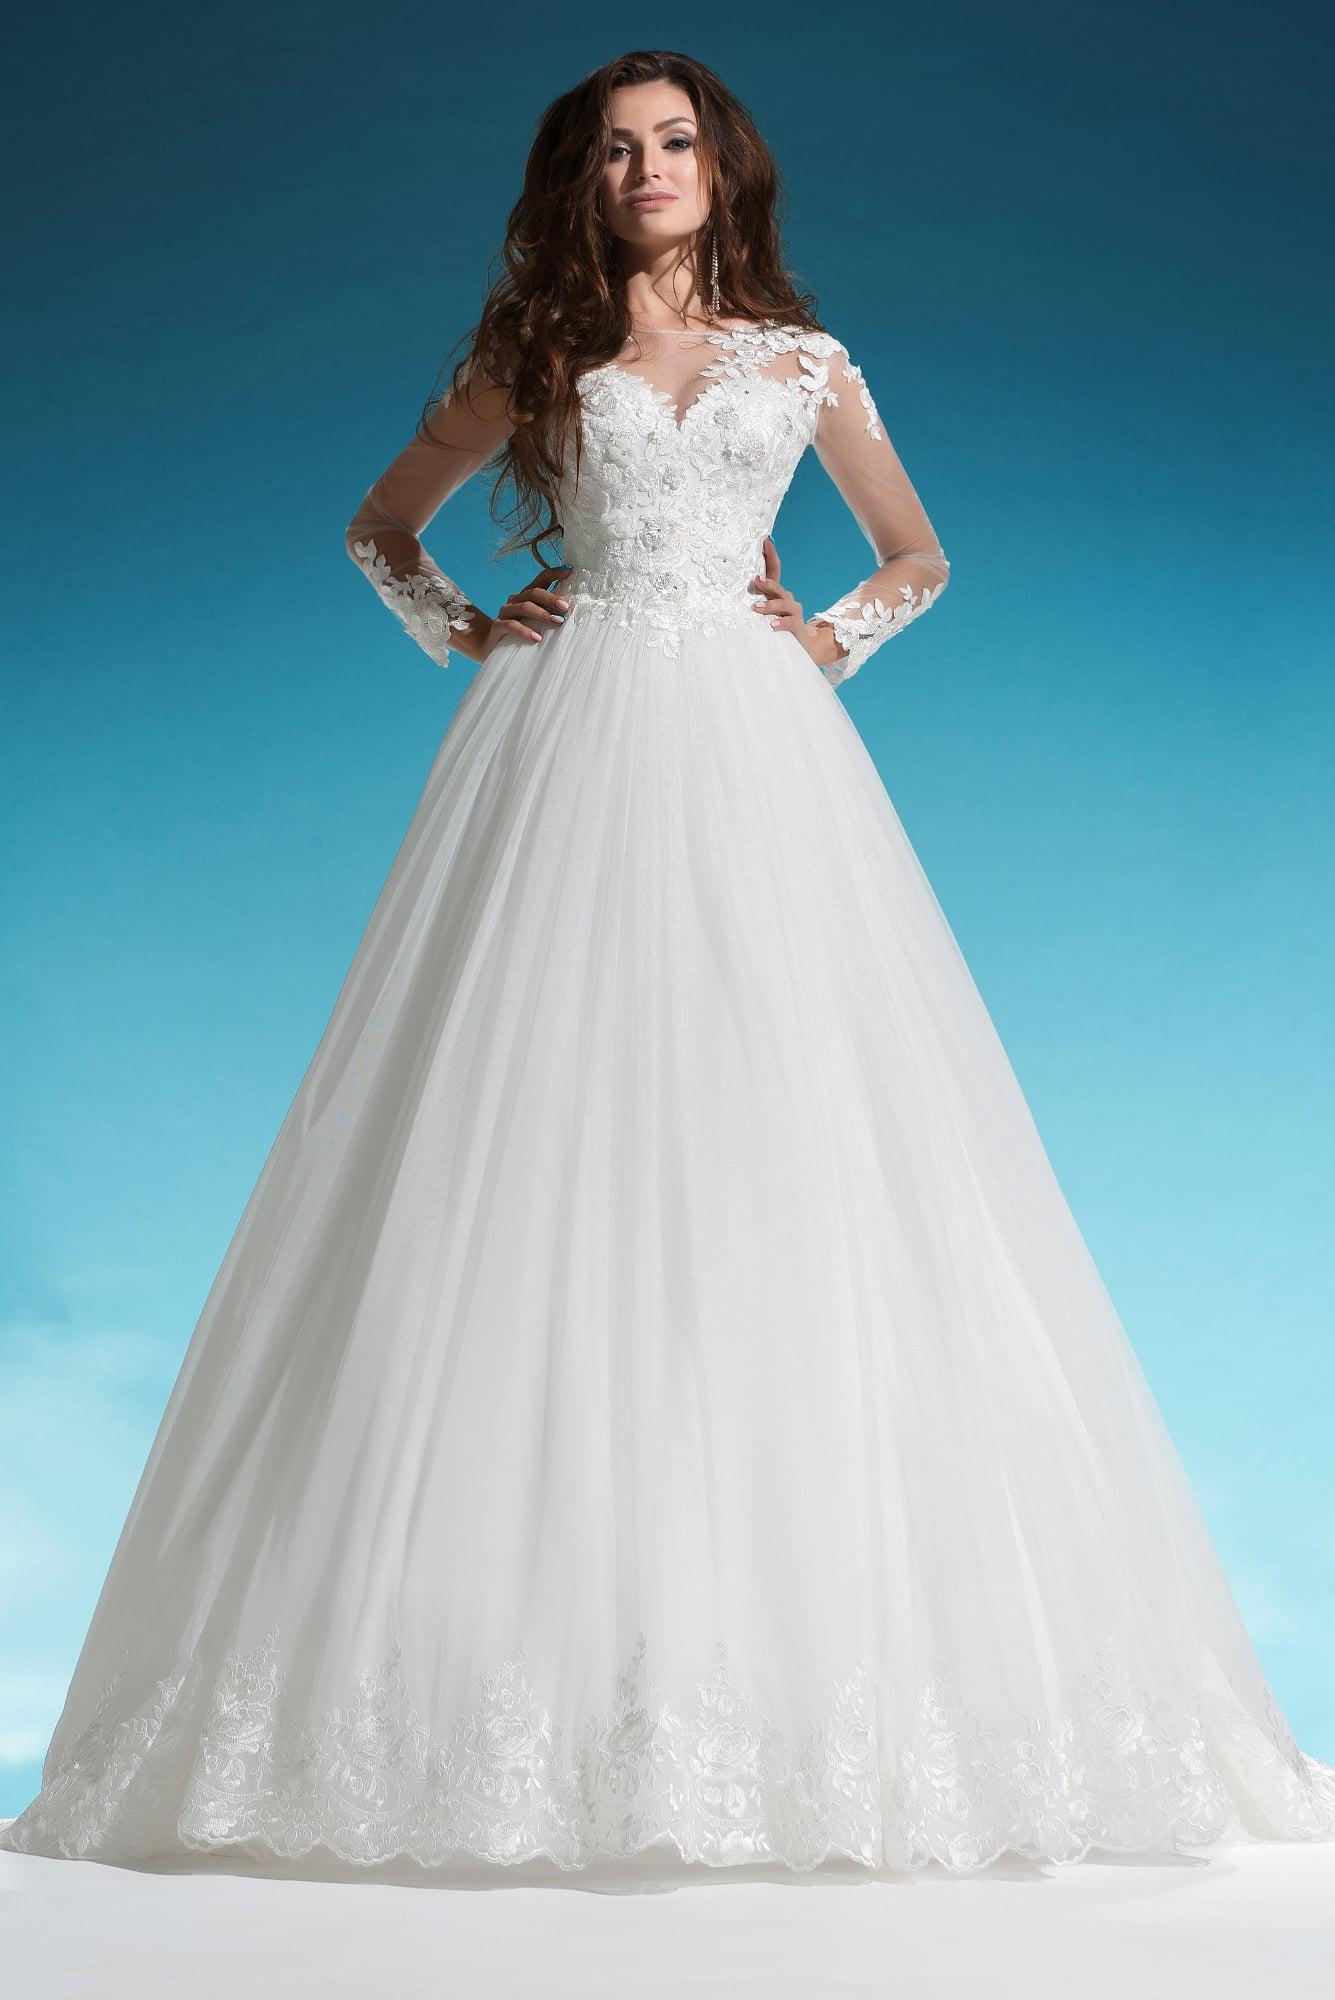 Пышное свадебное платье с длинным прозрачным рукавом и кружевной отделкой.